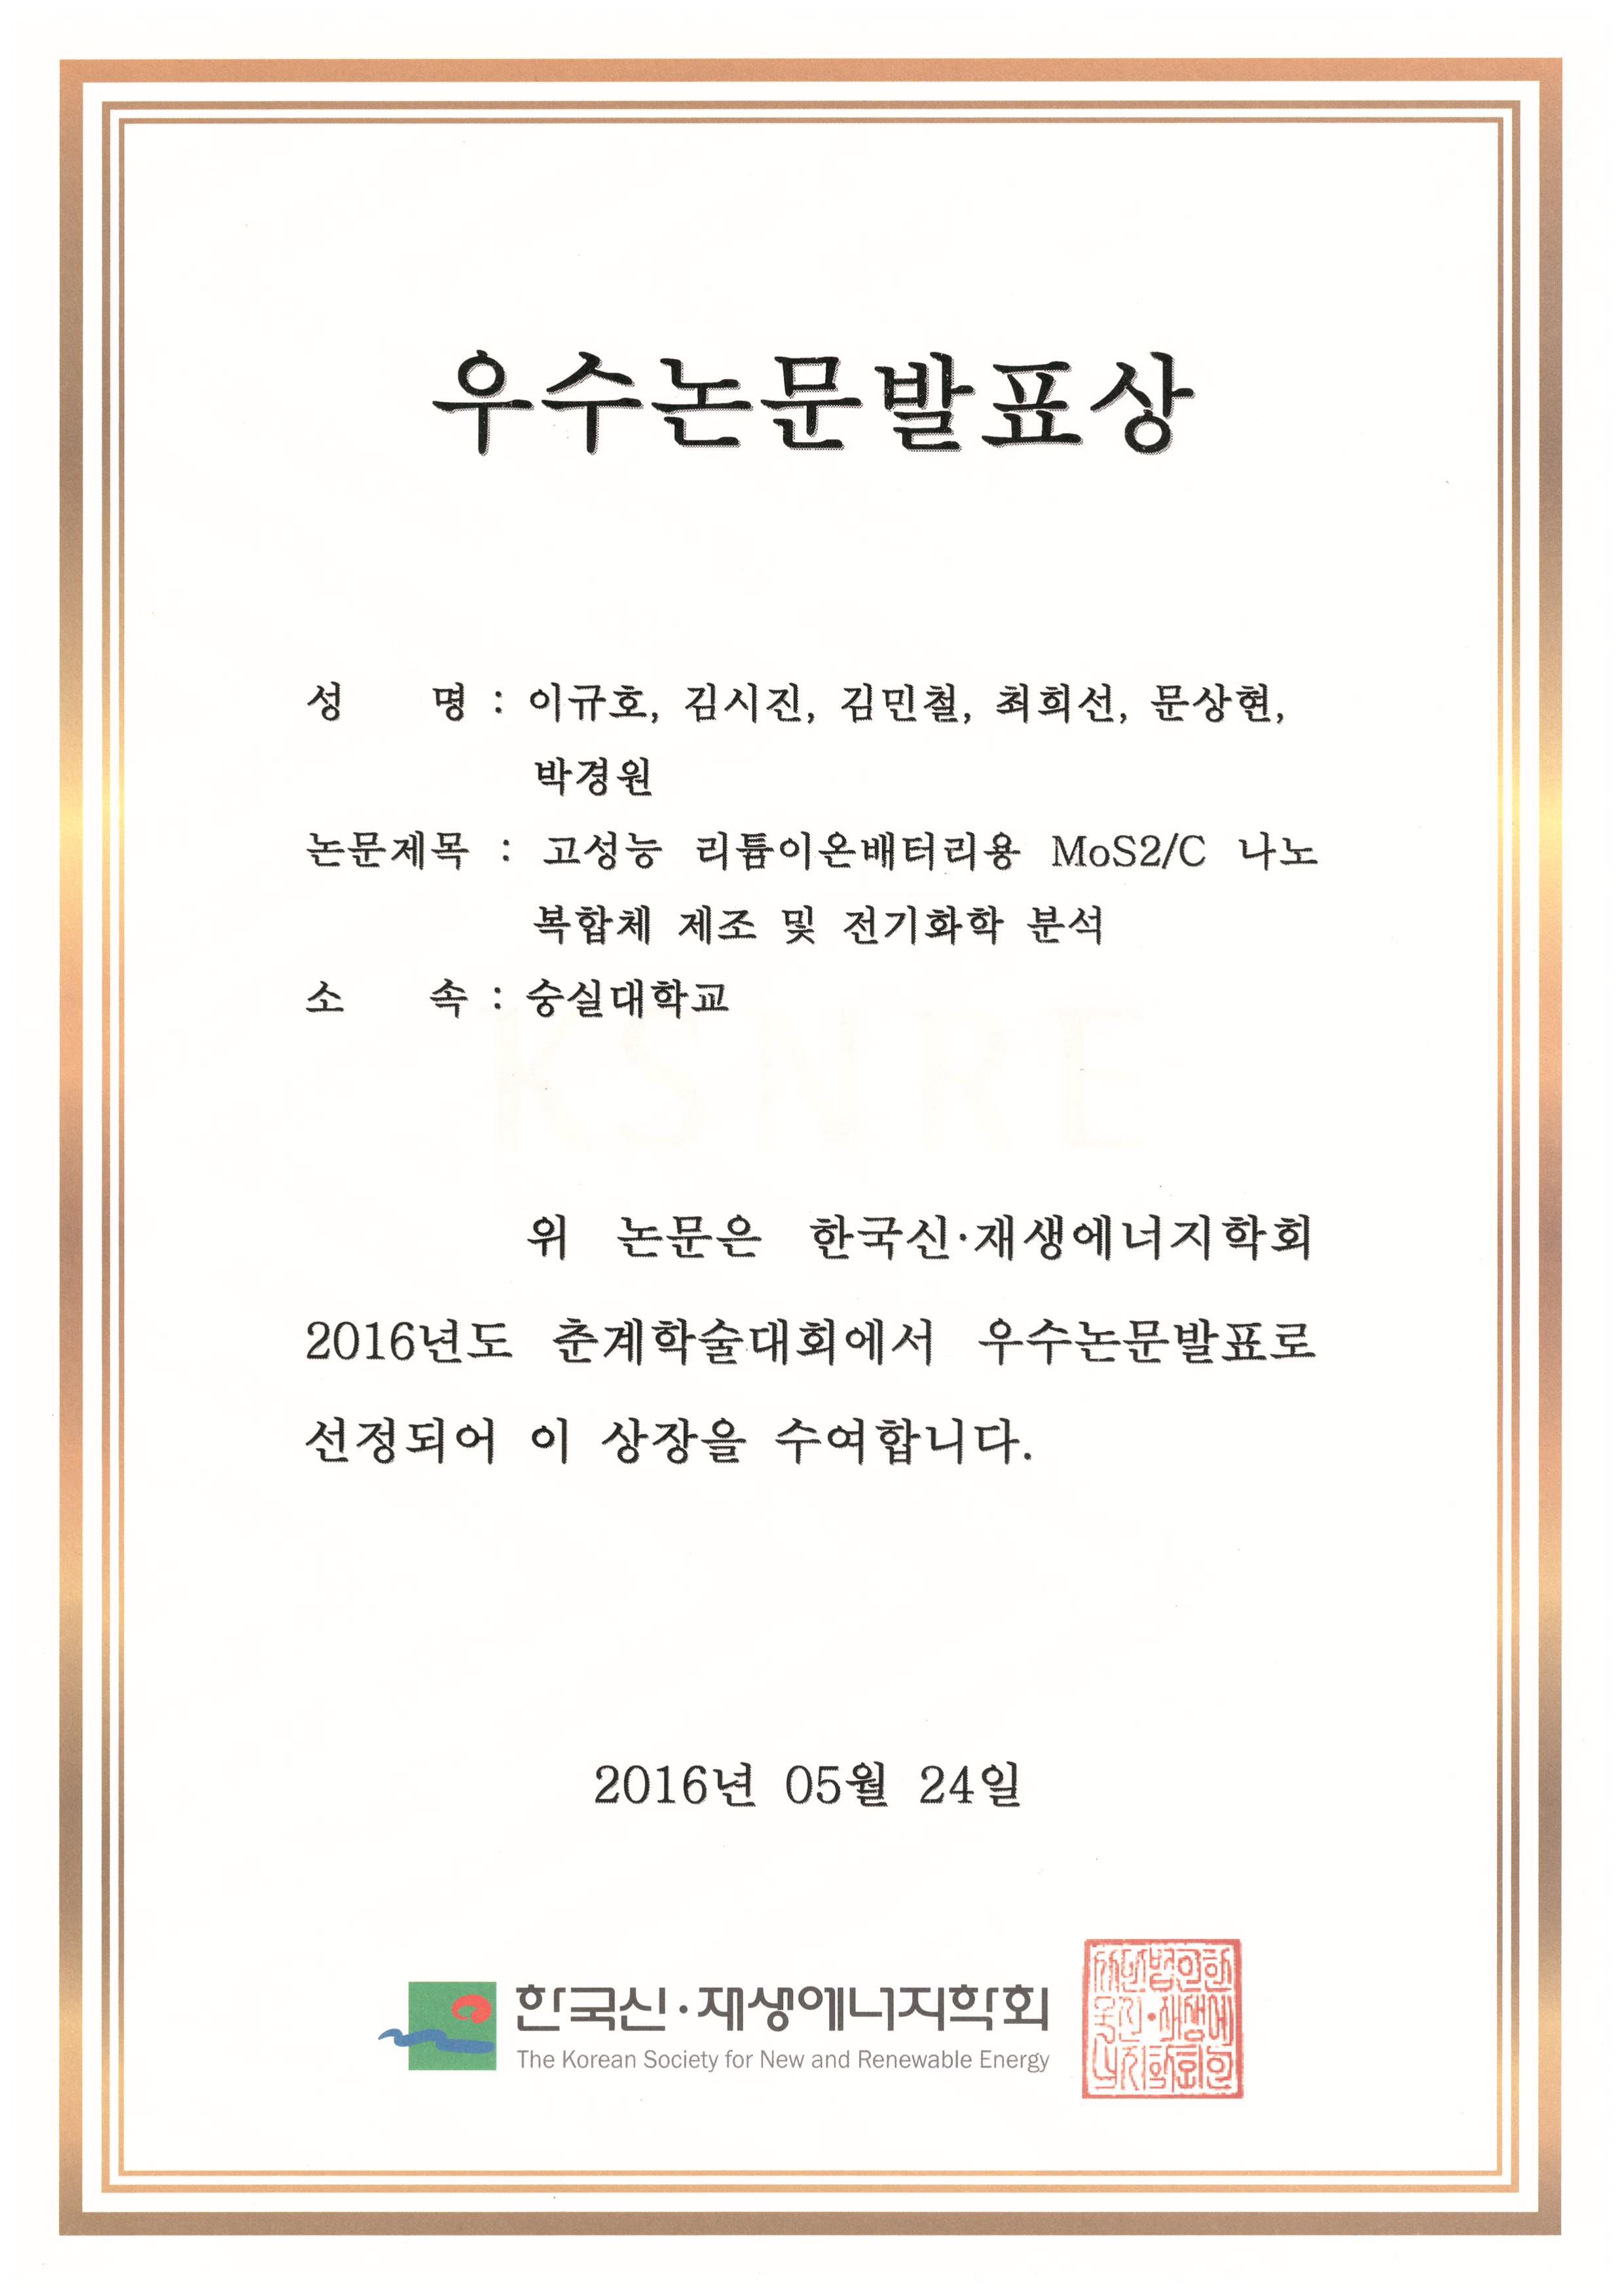 2016신재생에너지학회우수논문발표상 - GH